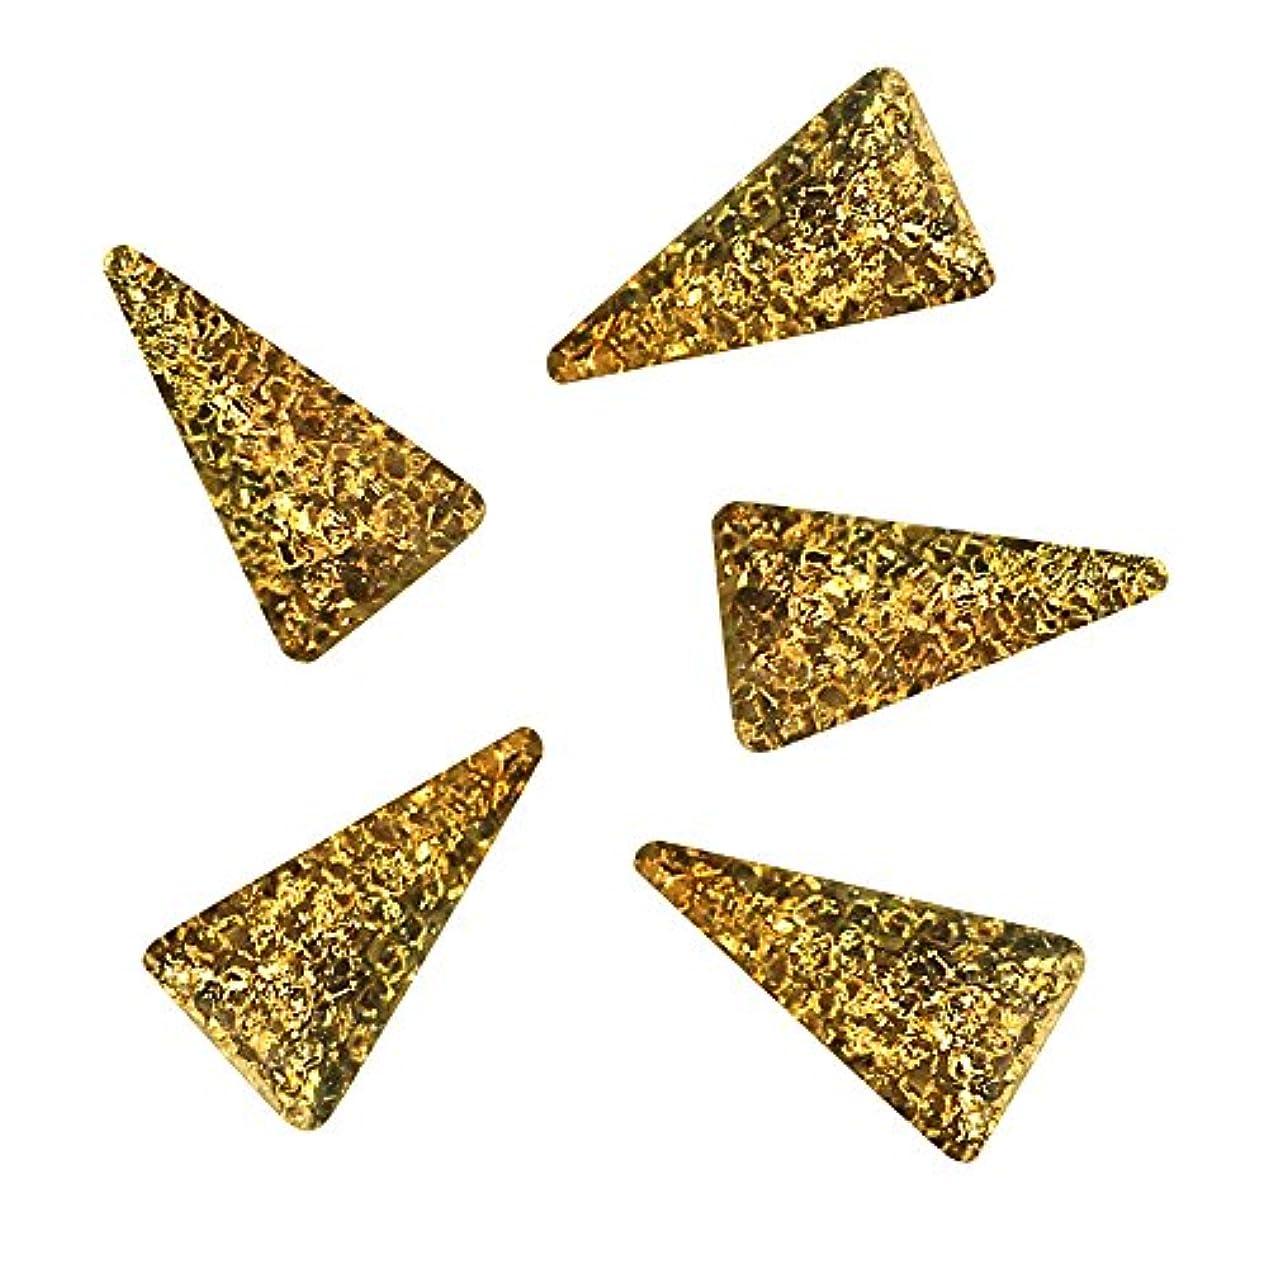 土地血色の良い理容師Bonnail ラフスタッズゴールド ロングトライアングル3×2mm